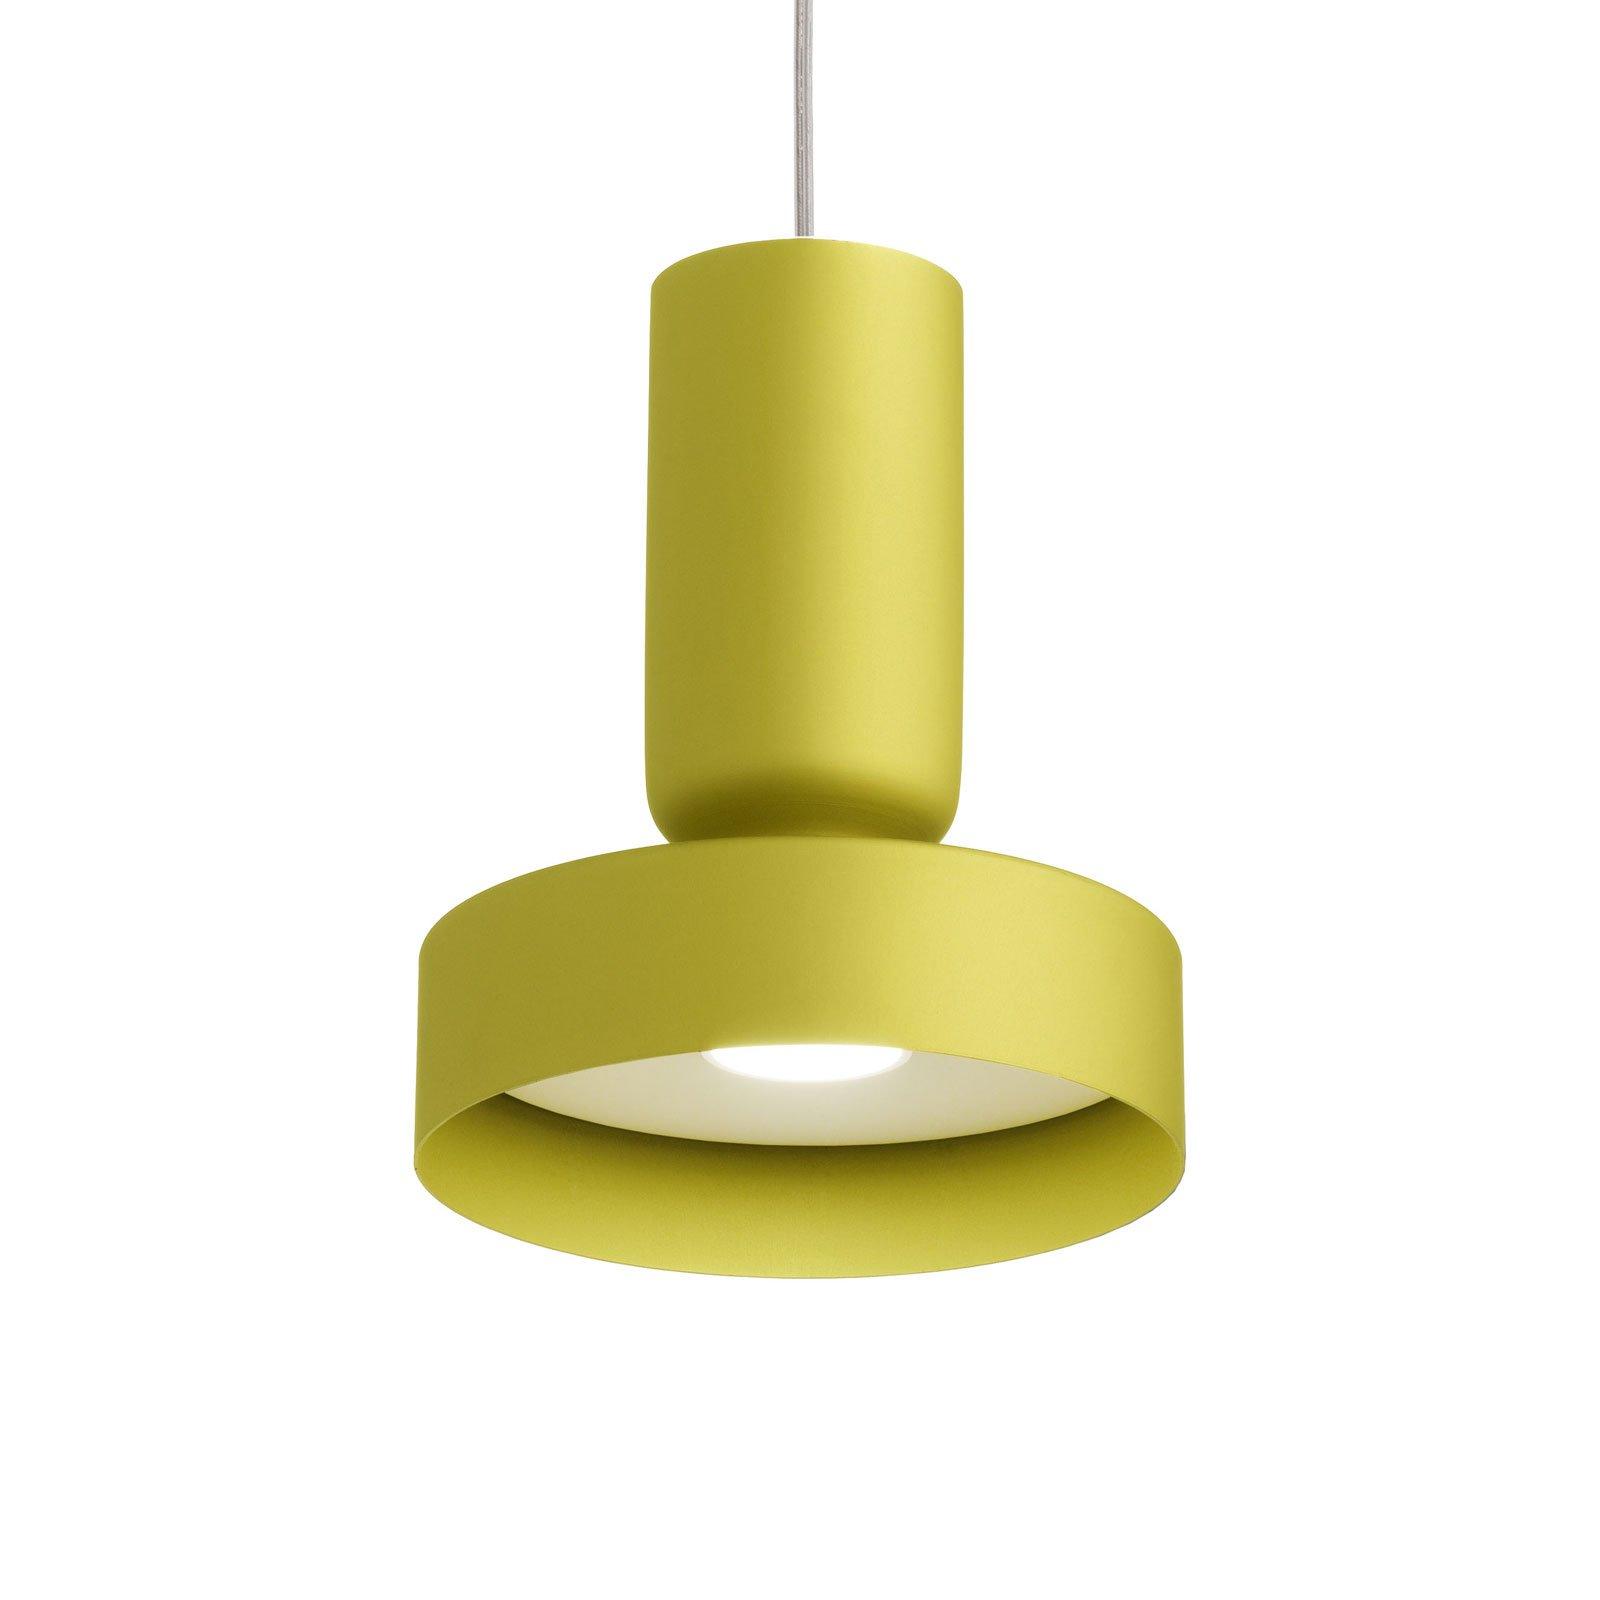 Modo Luce Hammer hengelampe Ø 15 cm lysegrønn